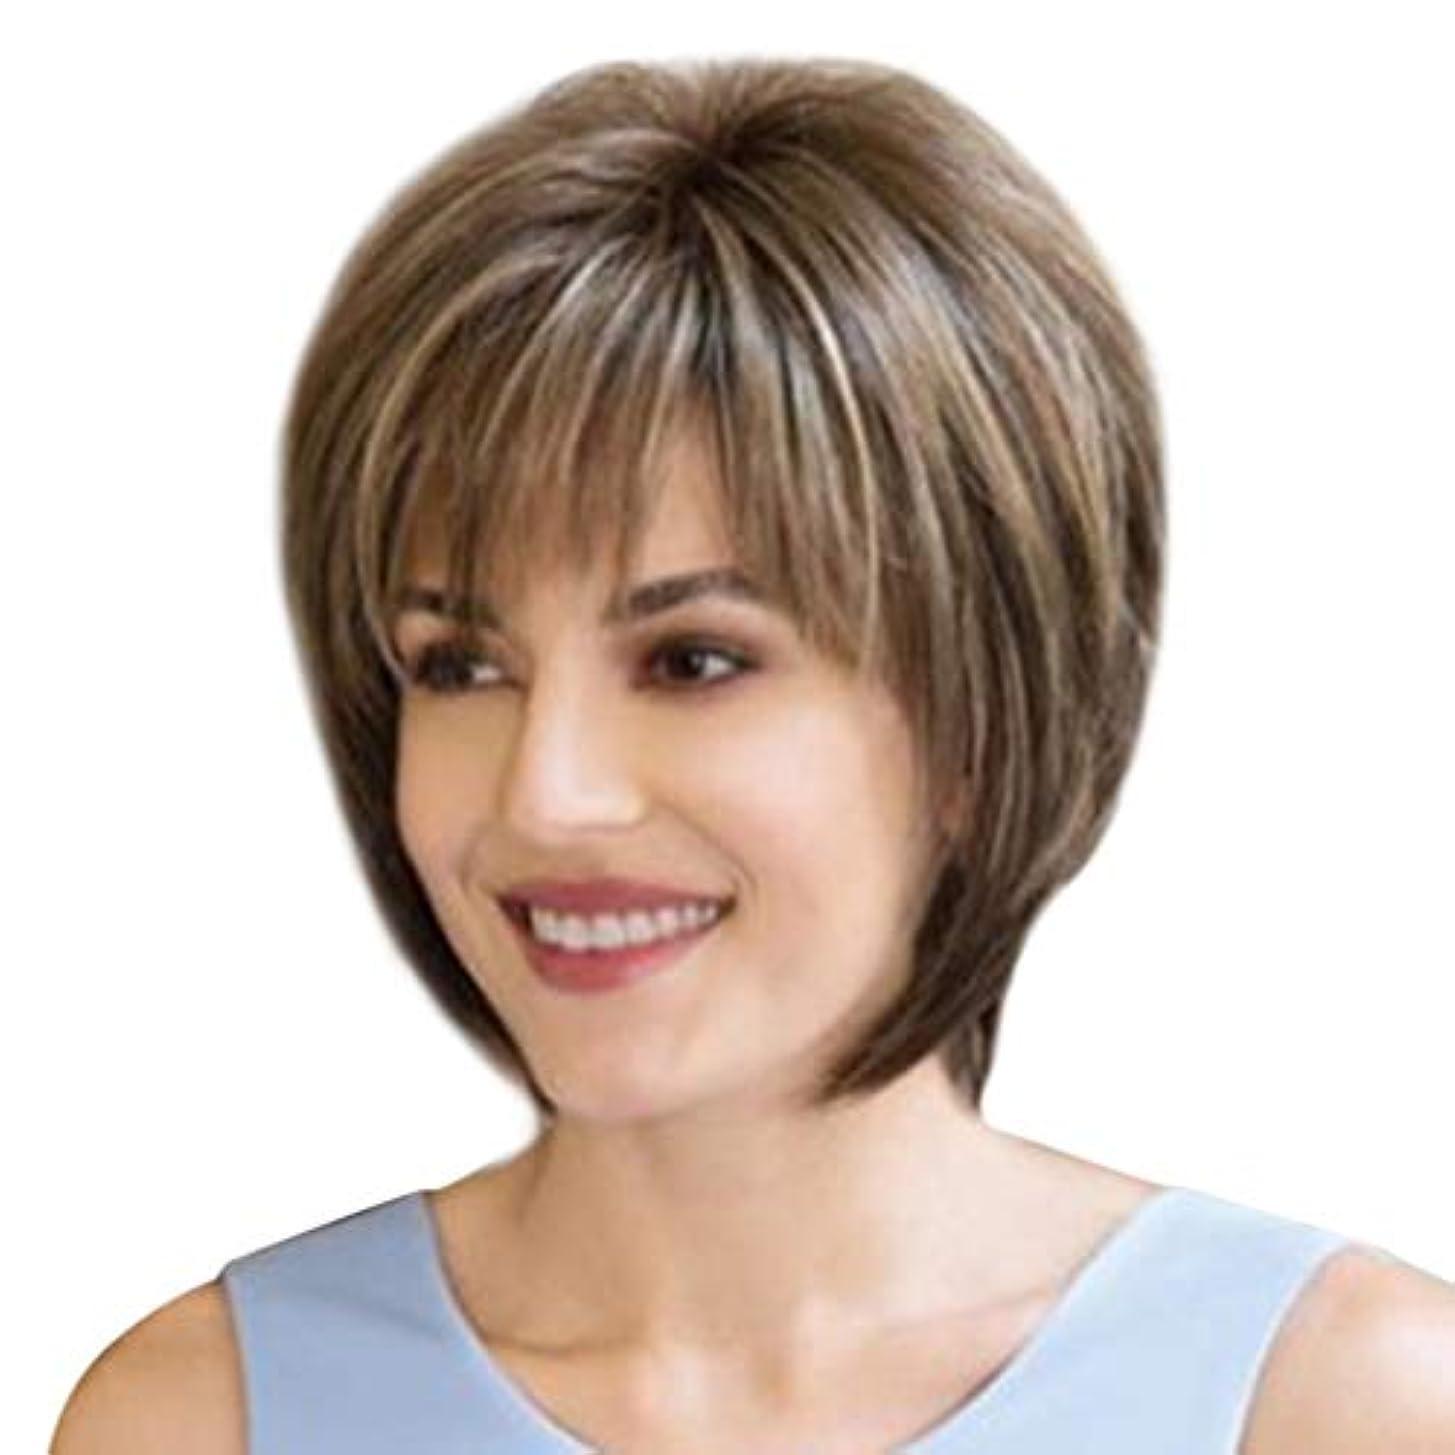 大宇宙ドロップわなCinhent 8インチファッション合成ストレートショートレディースウィッグふわふわ染色天然のリアルな髪の毛のかつら女性のファイバー